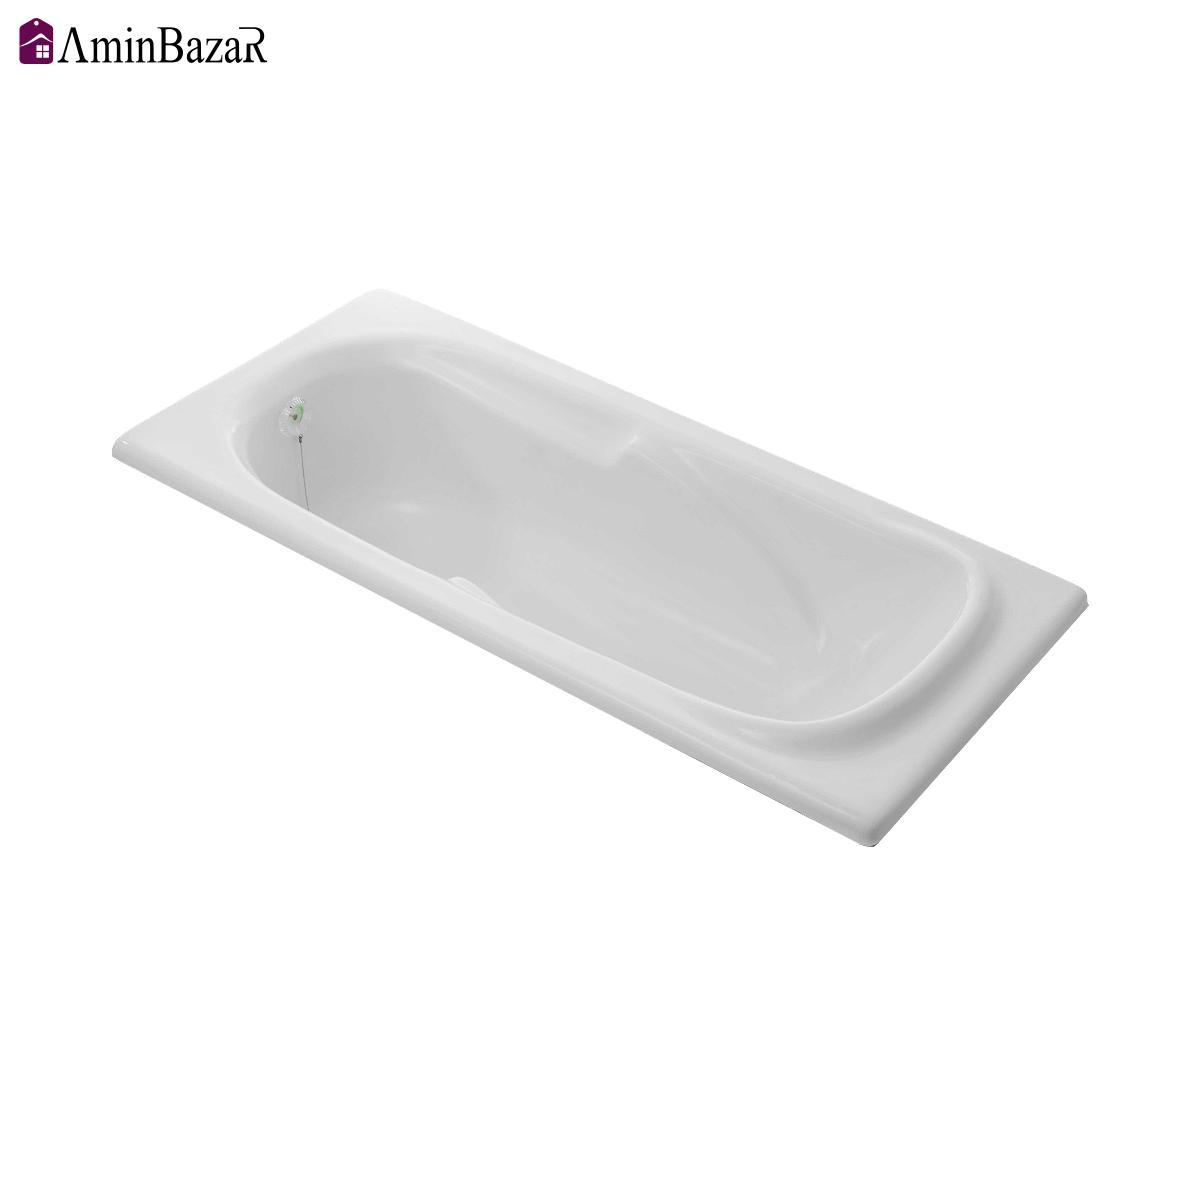 وان حمام توکار سنی پلاستیک مدل اطلس بدون شاسی و پانل اندازه 70 * 150 سانتیمتر